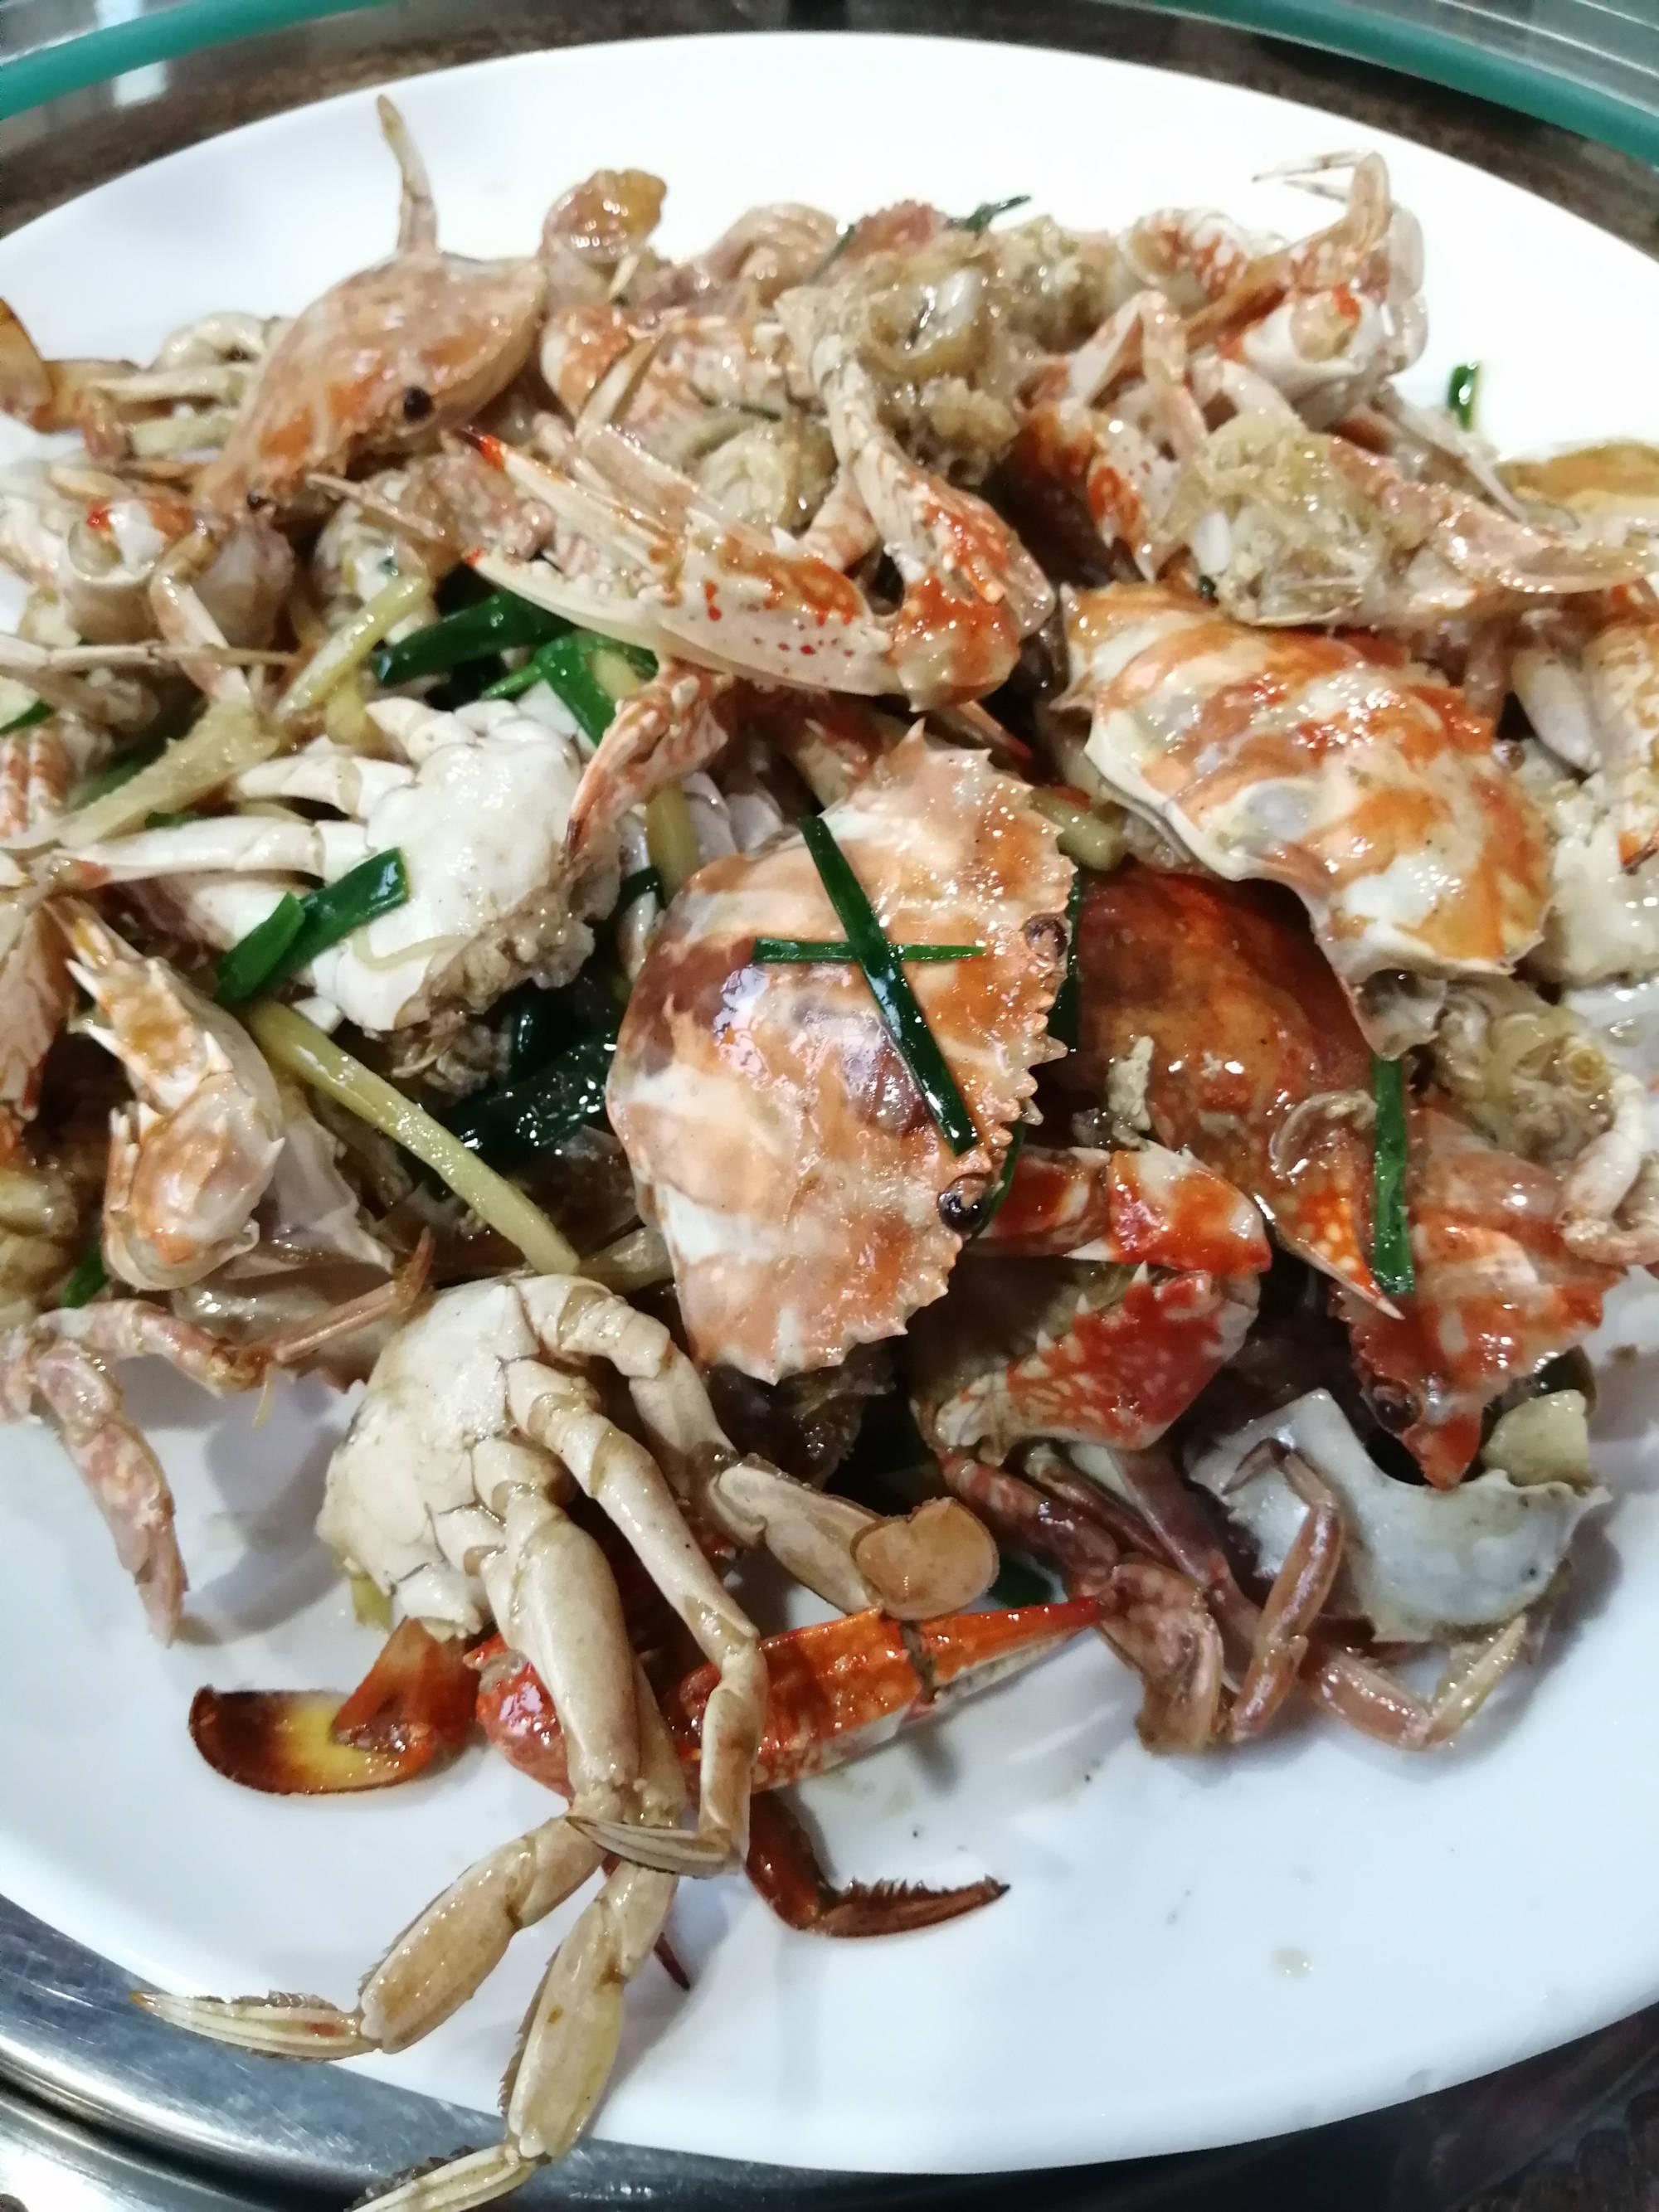 夏天到了,要吃开胃的家常菜!来西津生态鱼生馆吧